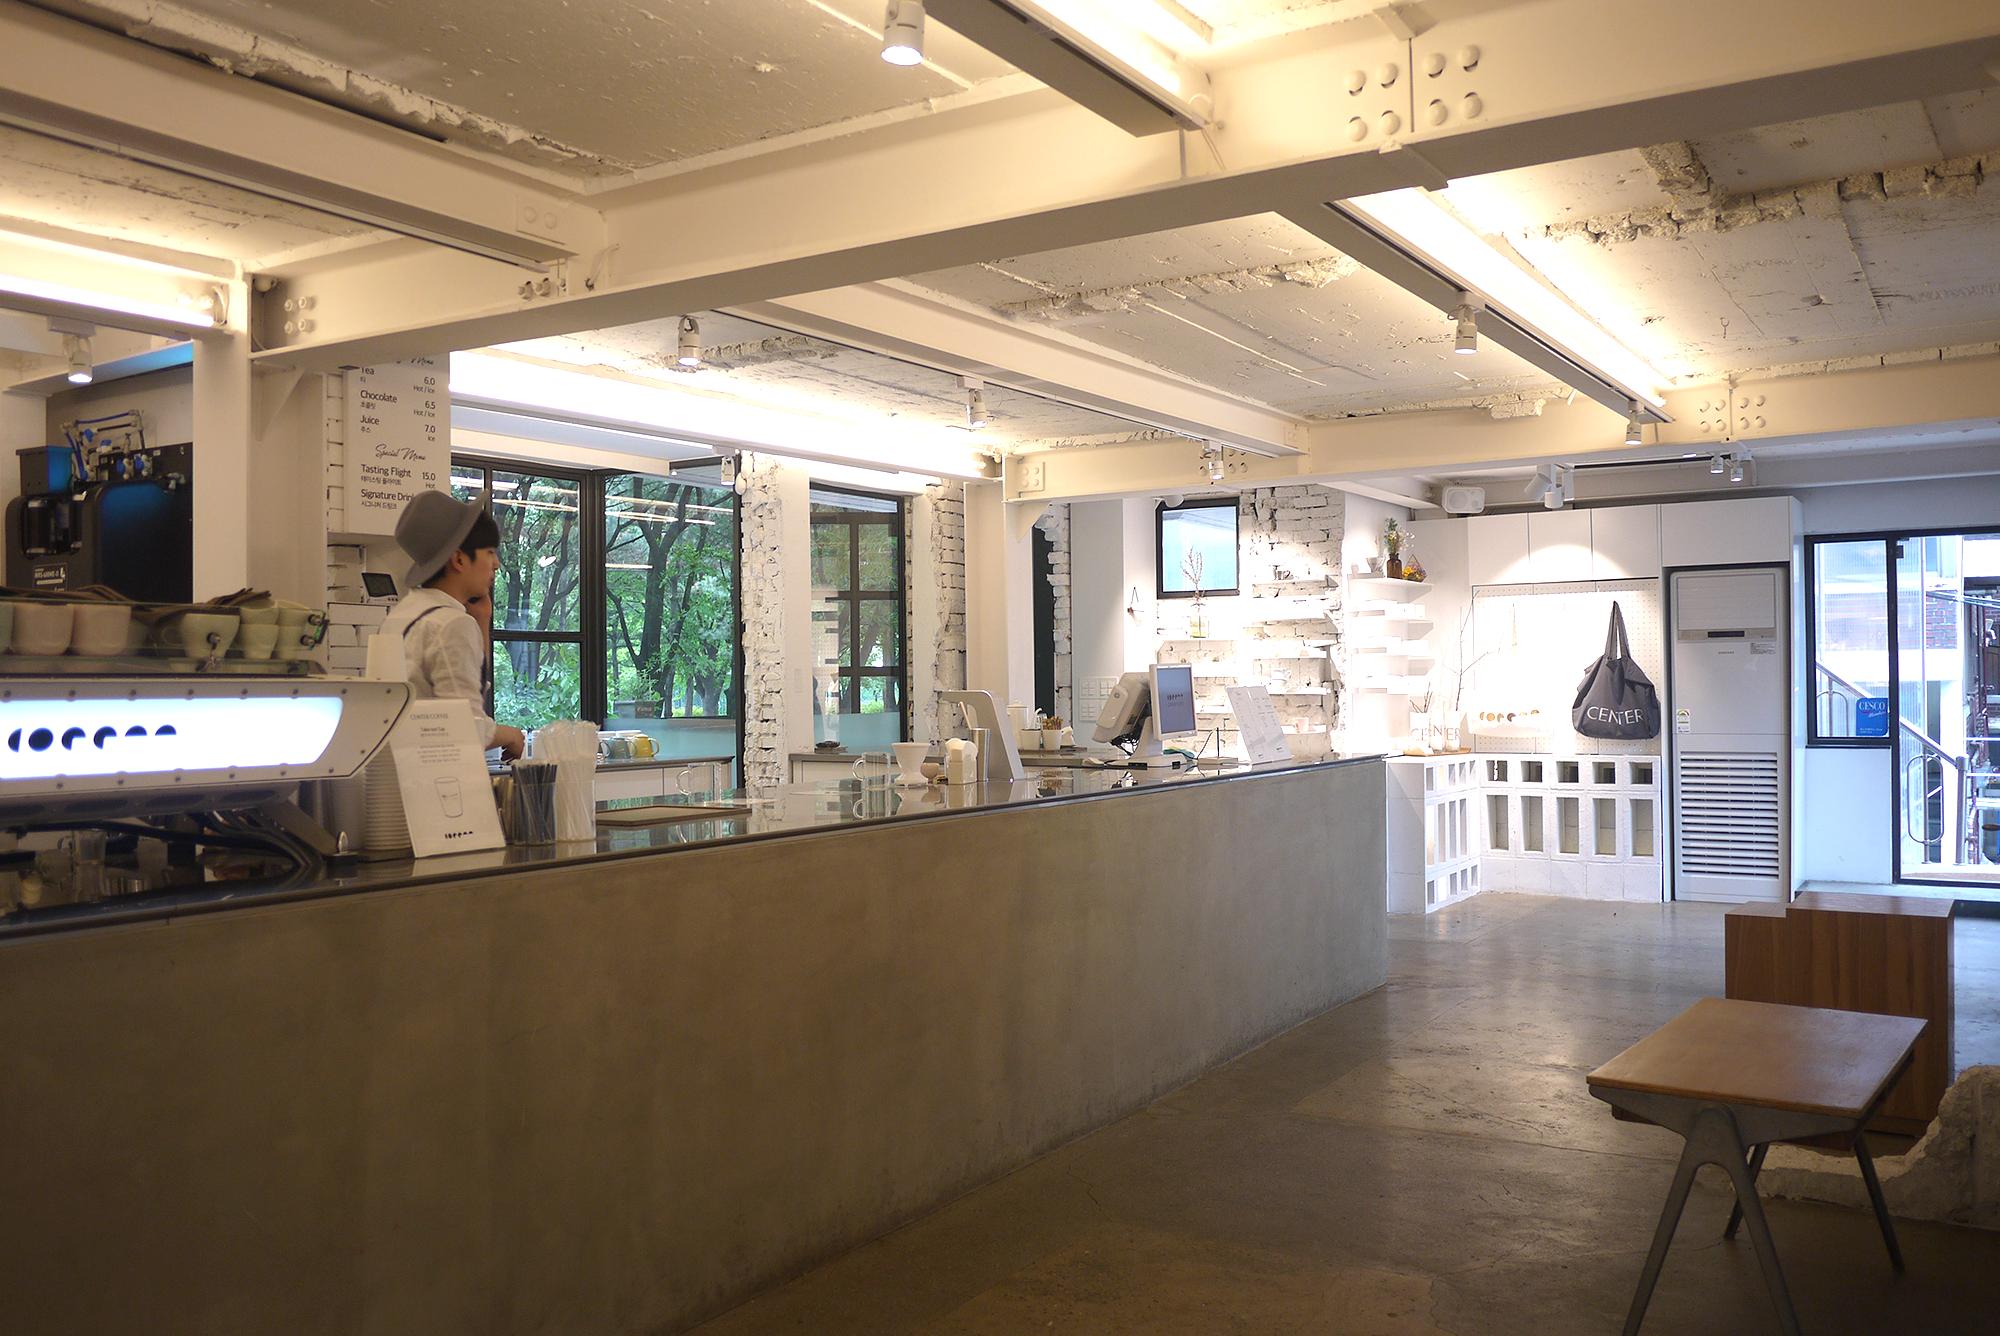 배용준이 투자한 카페, 센터커피